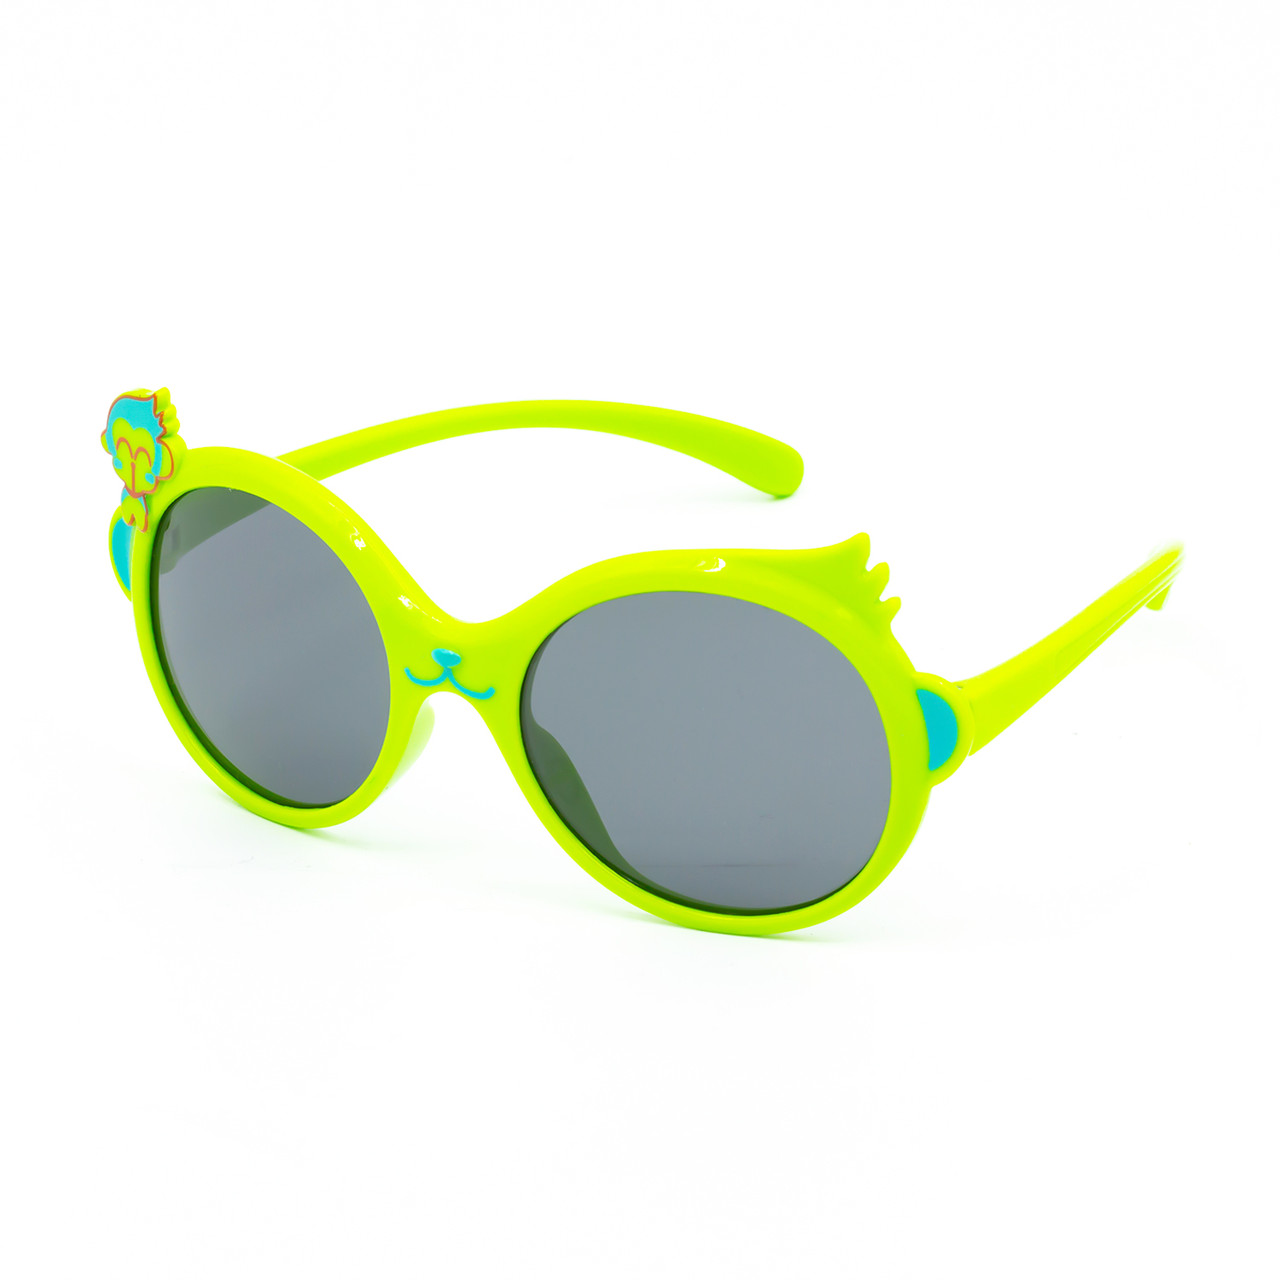 Солнцезащитные очки Marmilen P18145 C5 салатовые     ( KAP18145-05 )